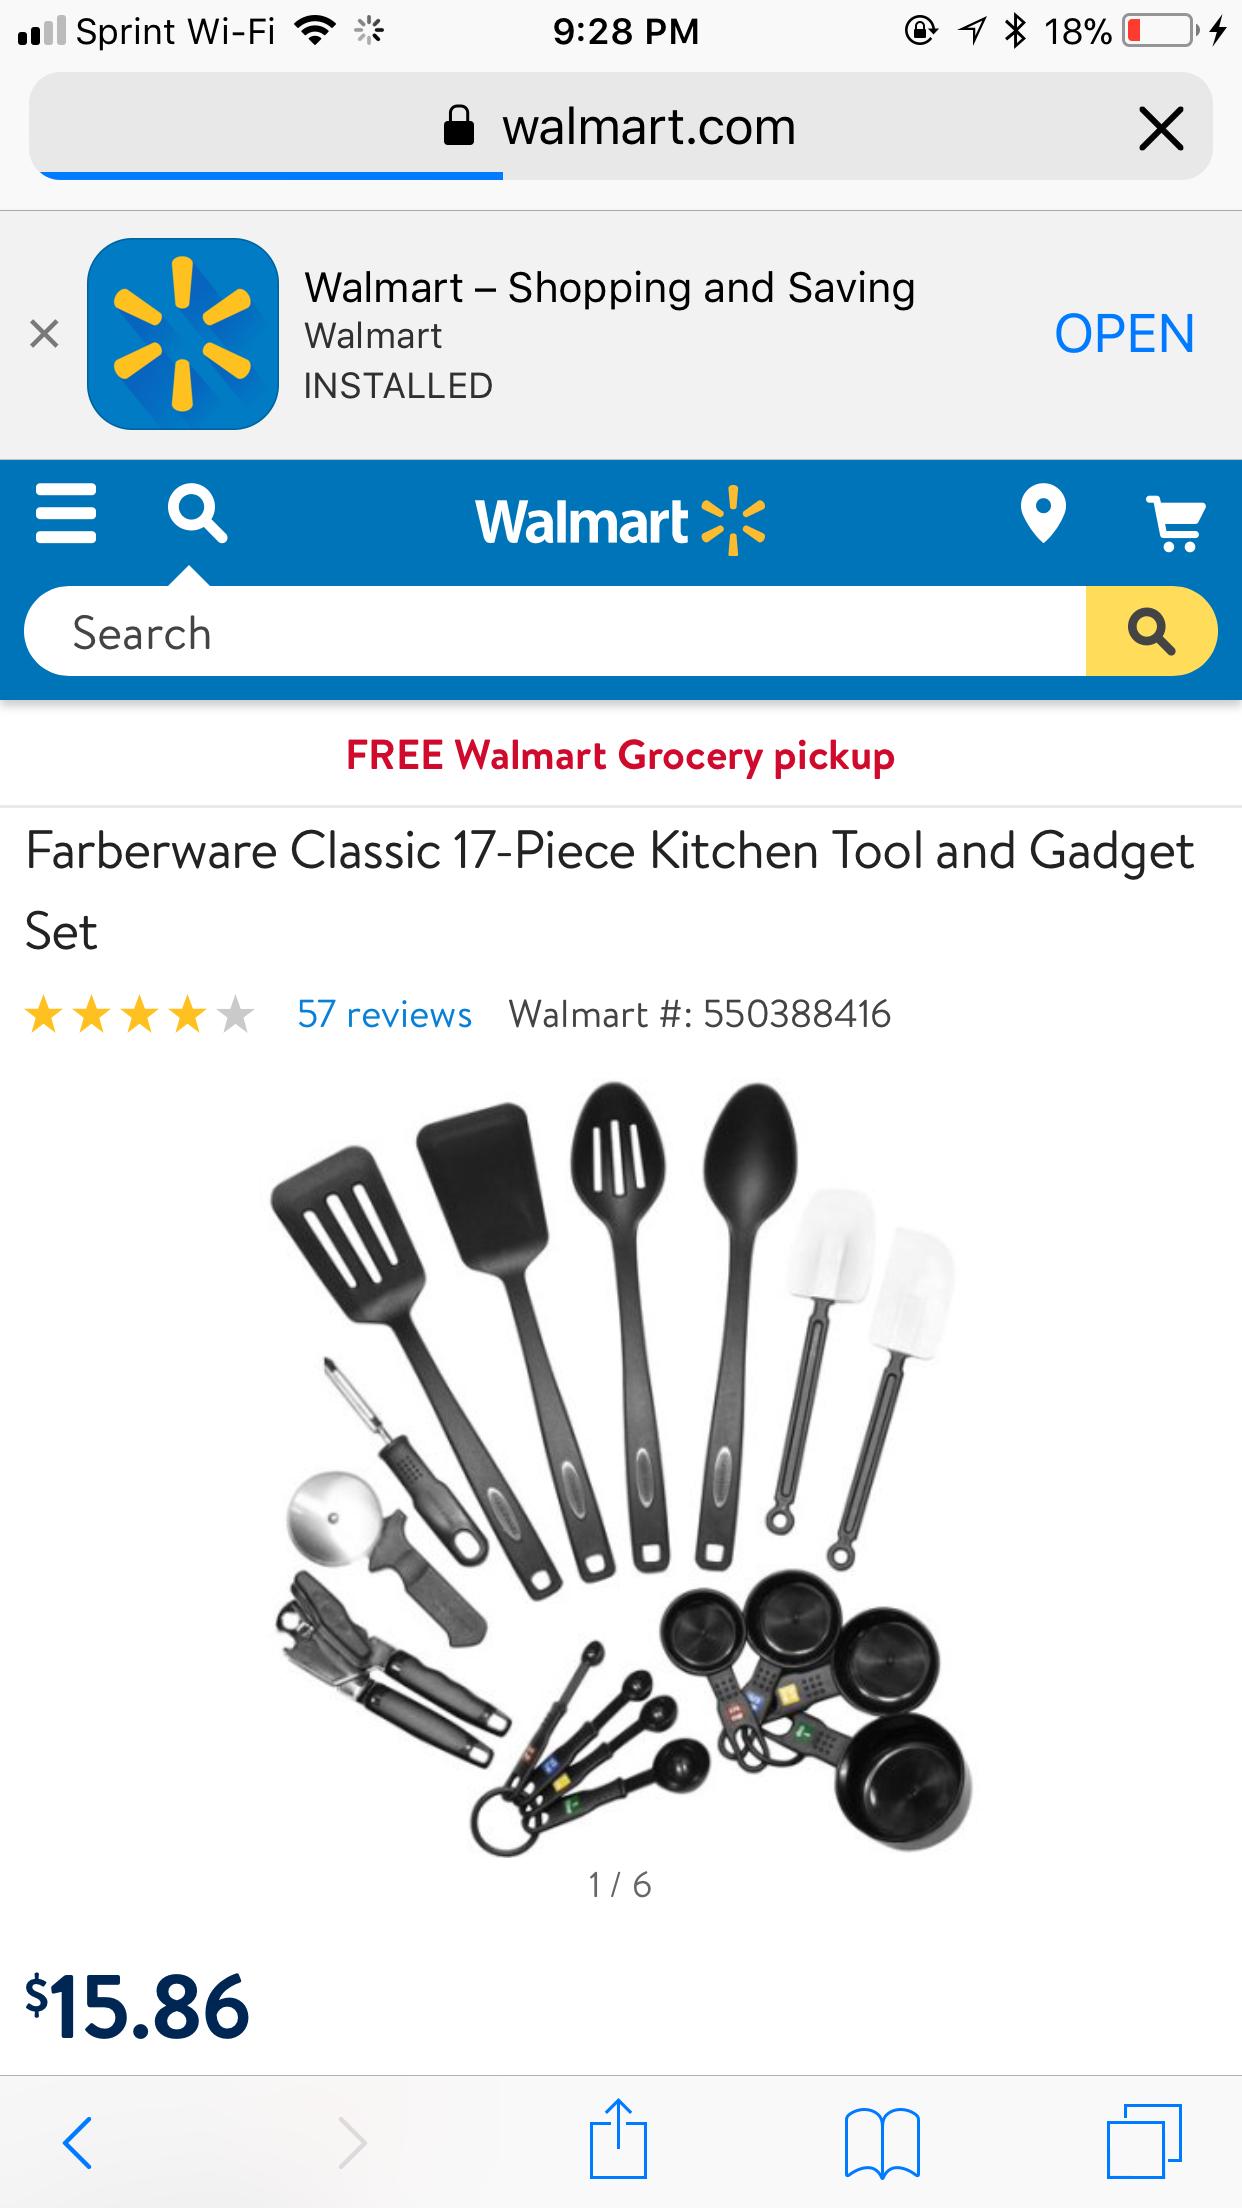 https://www.walmart/ip/farberware-classic-17-piece-kitchen-tool